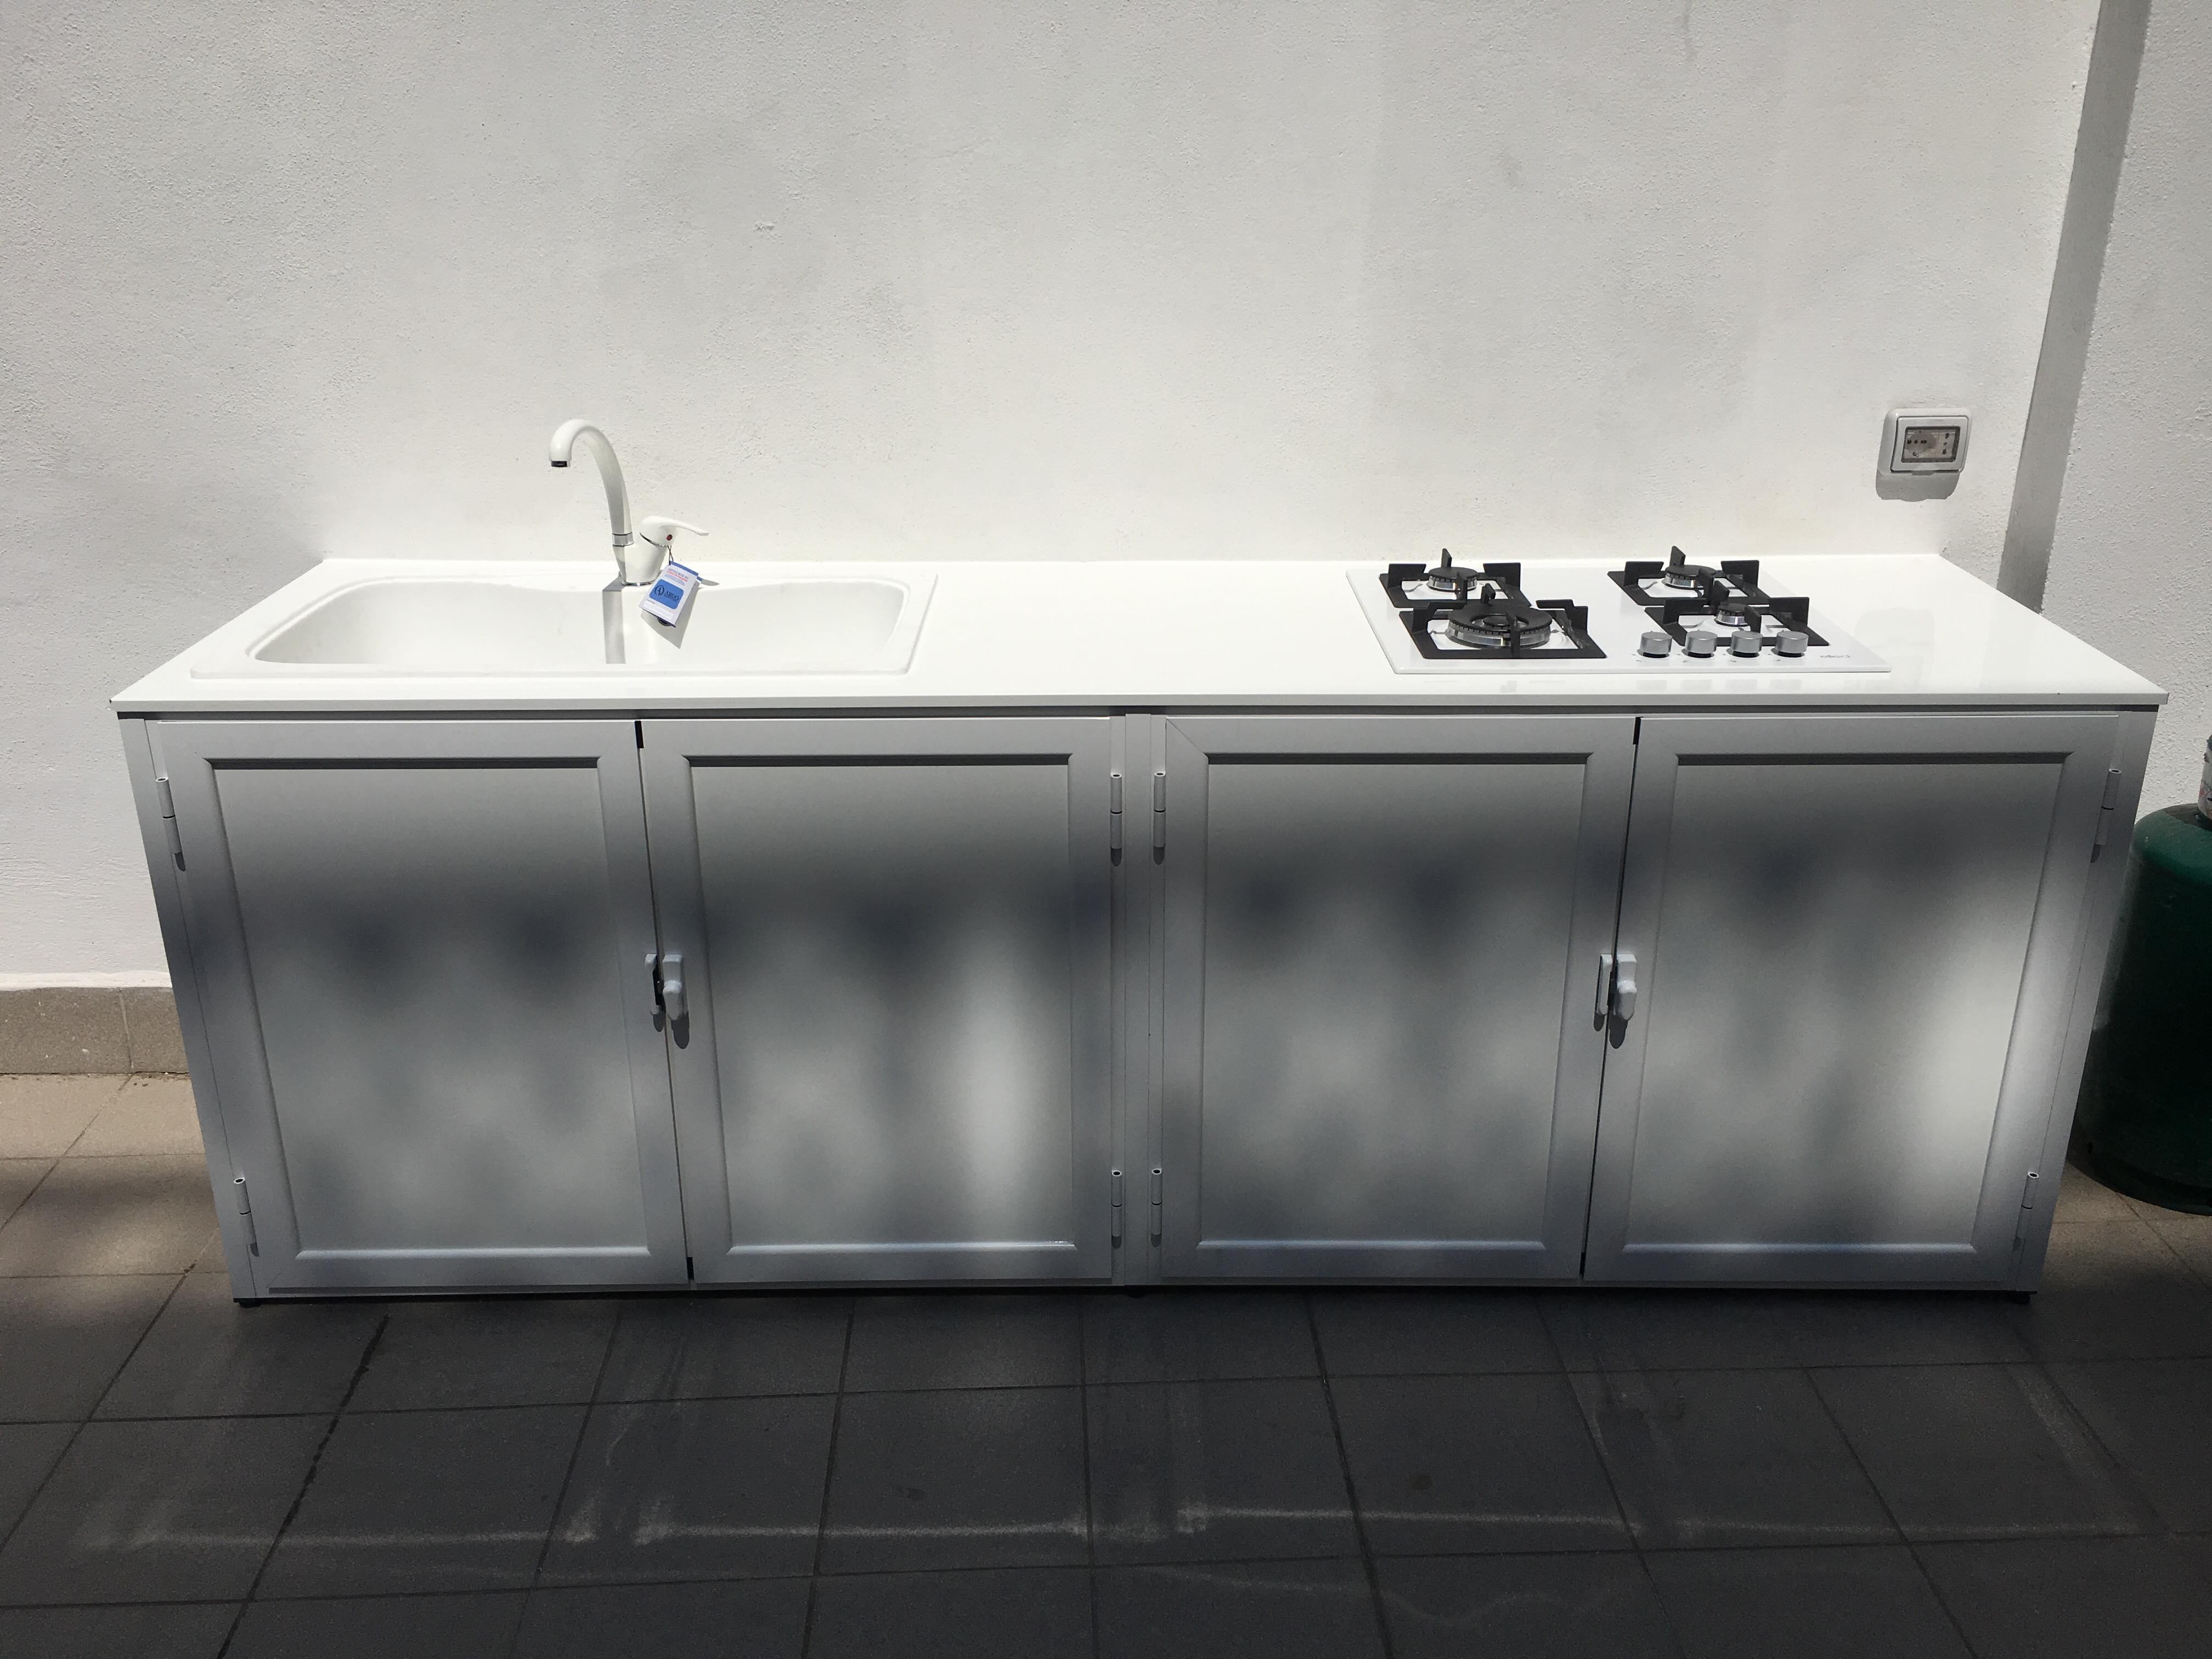 Fotografia di un armadio bianco 9010 pannellato liscio con top in lamiera, lavandino e piano cottura a incasso.